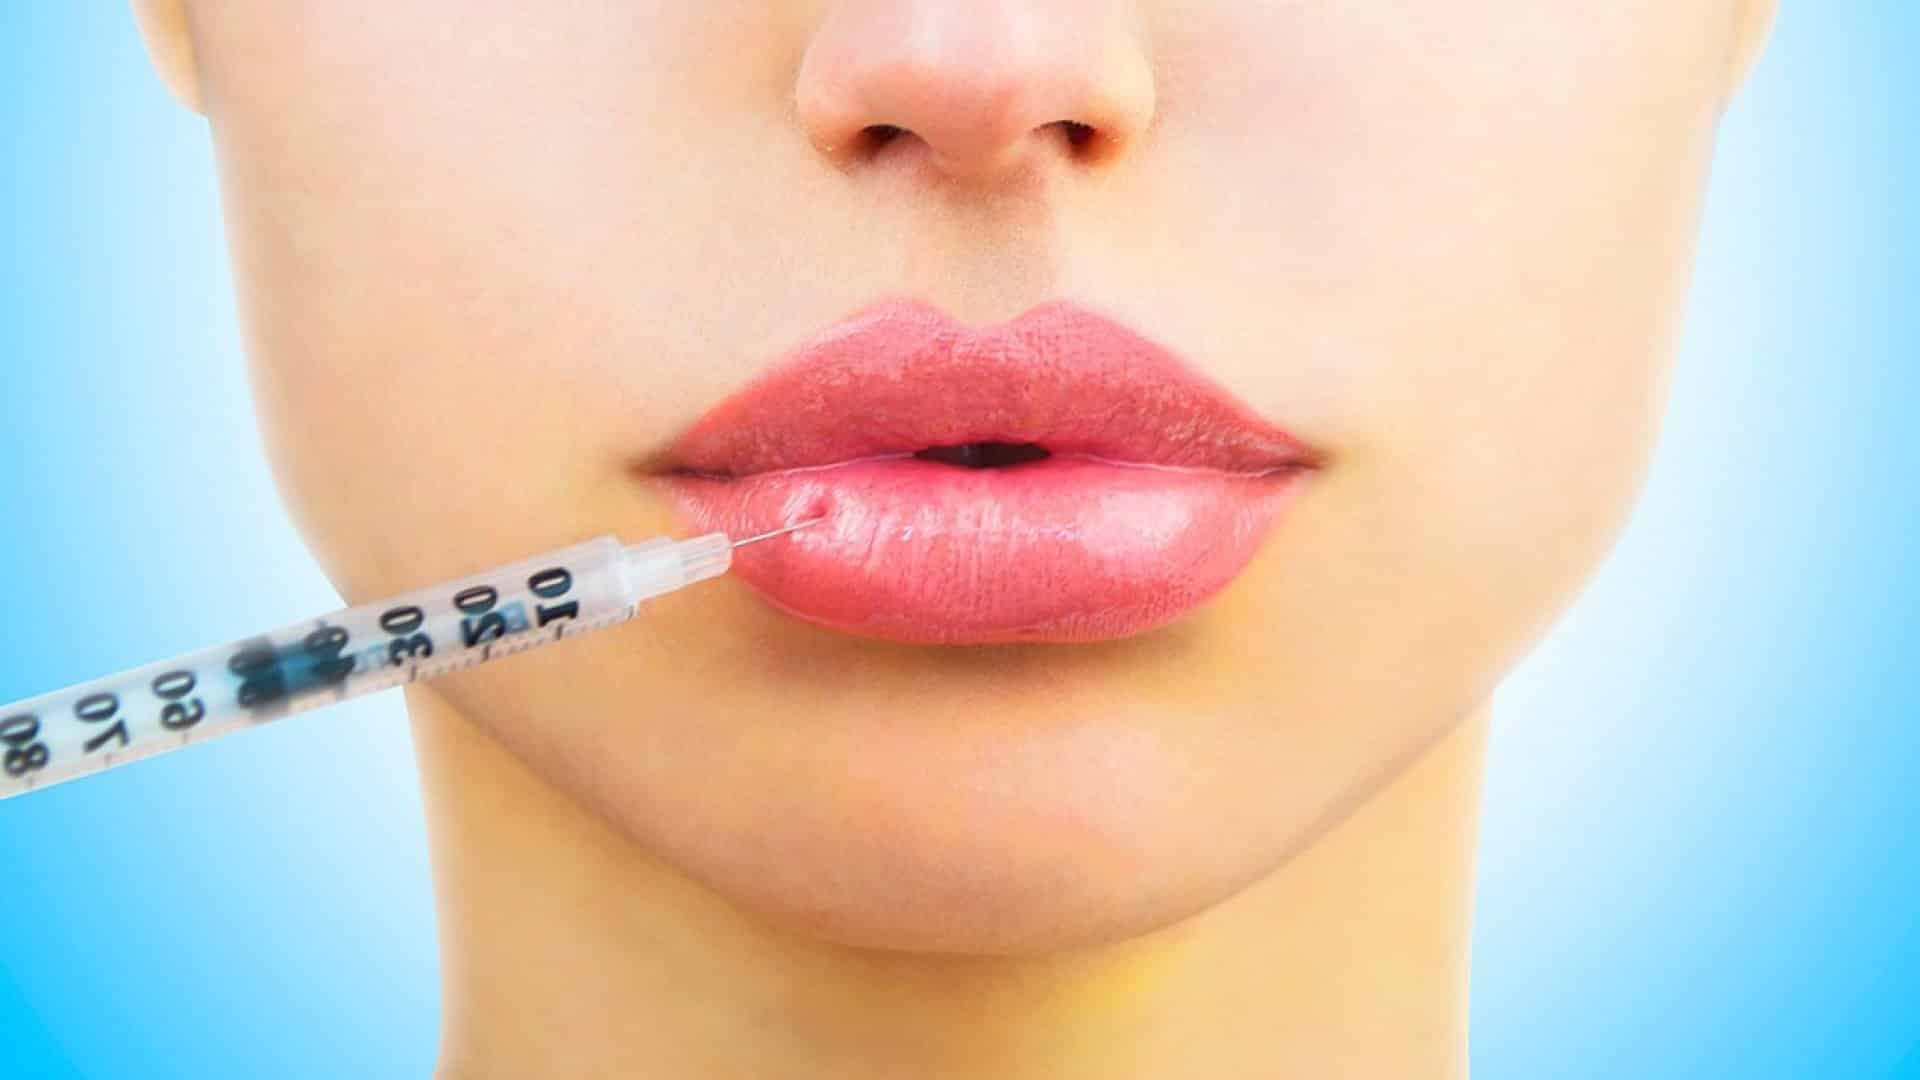 Увеличение губ гиалуроновой кислотой — болезненная